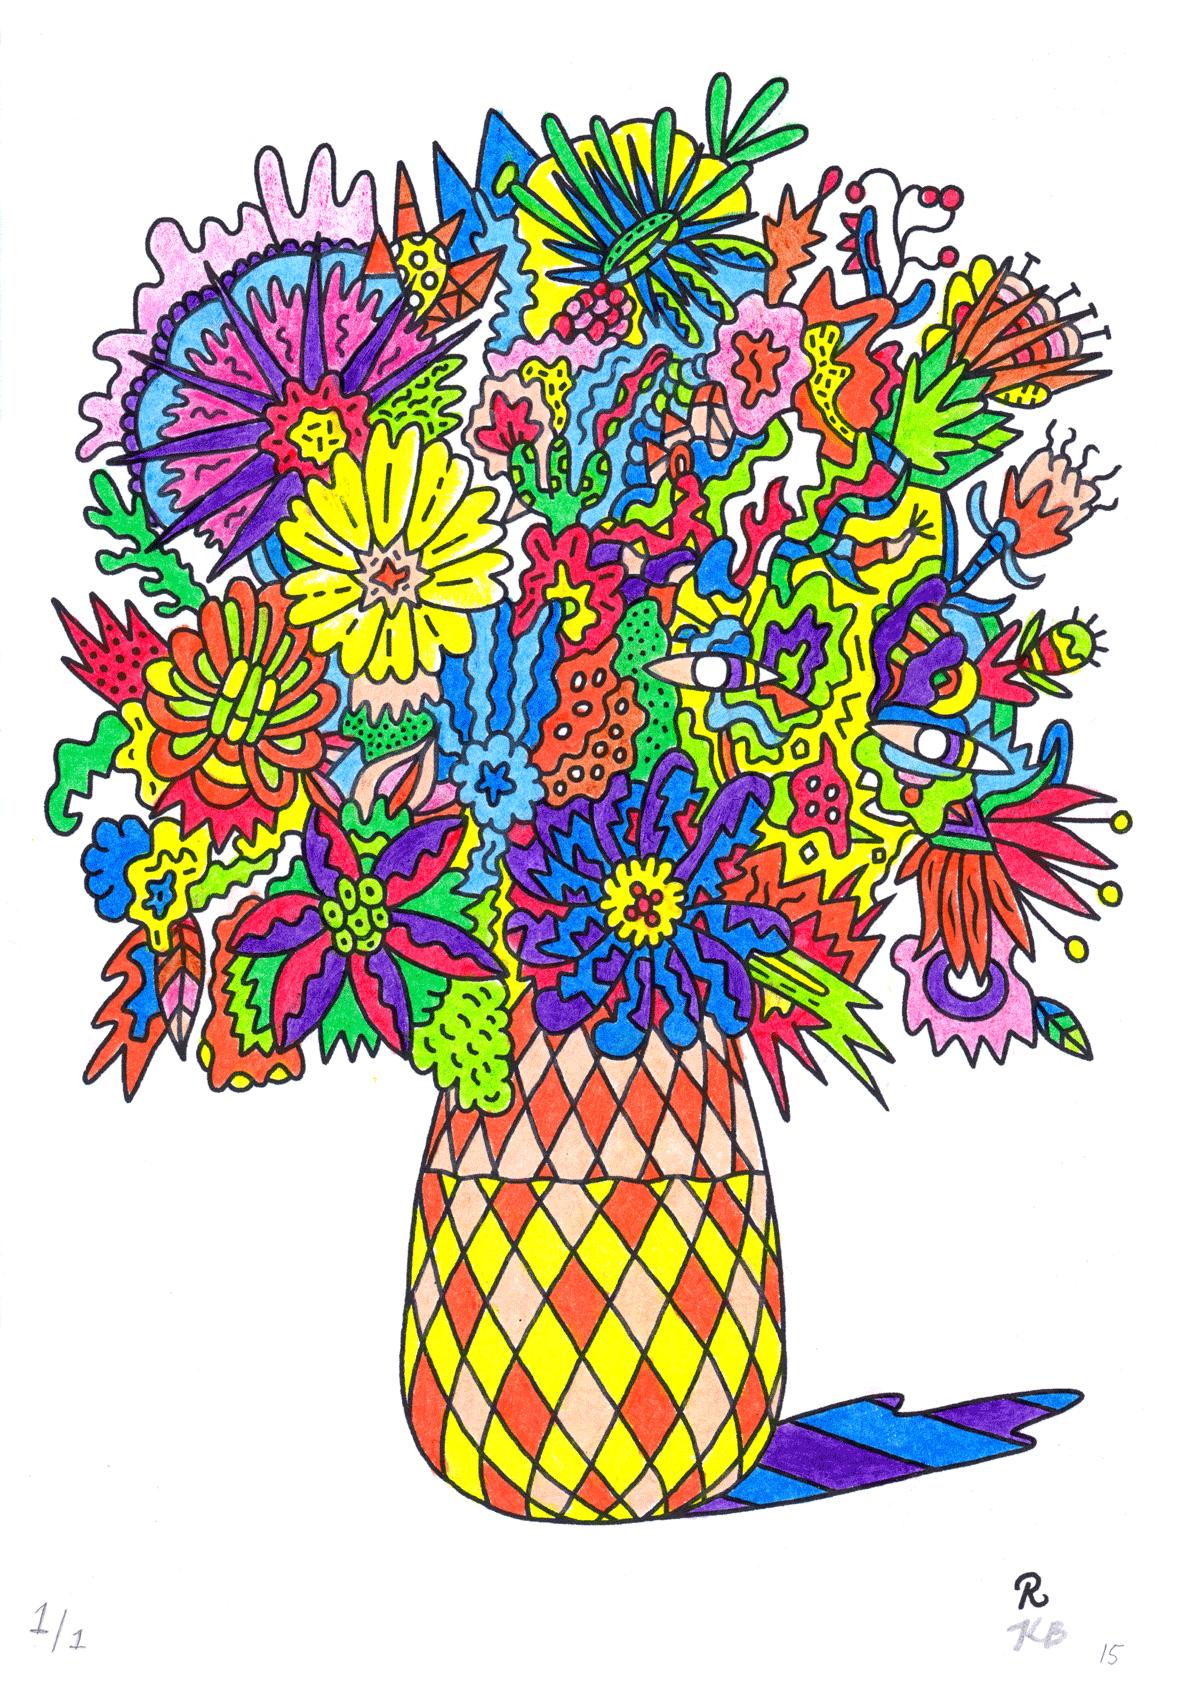 Colouring Book for Grown Ups - Rudi de Wet Studio